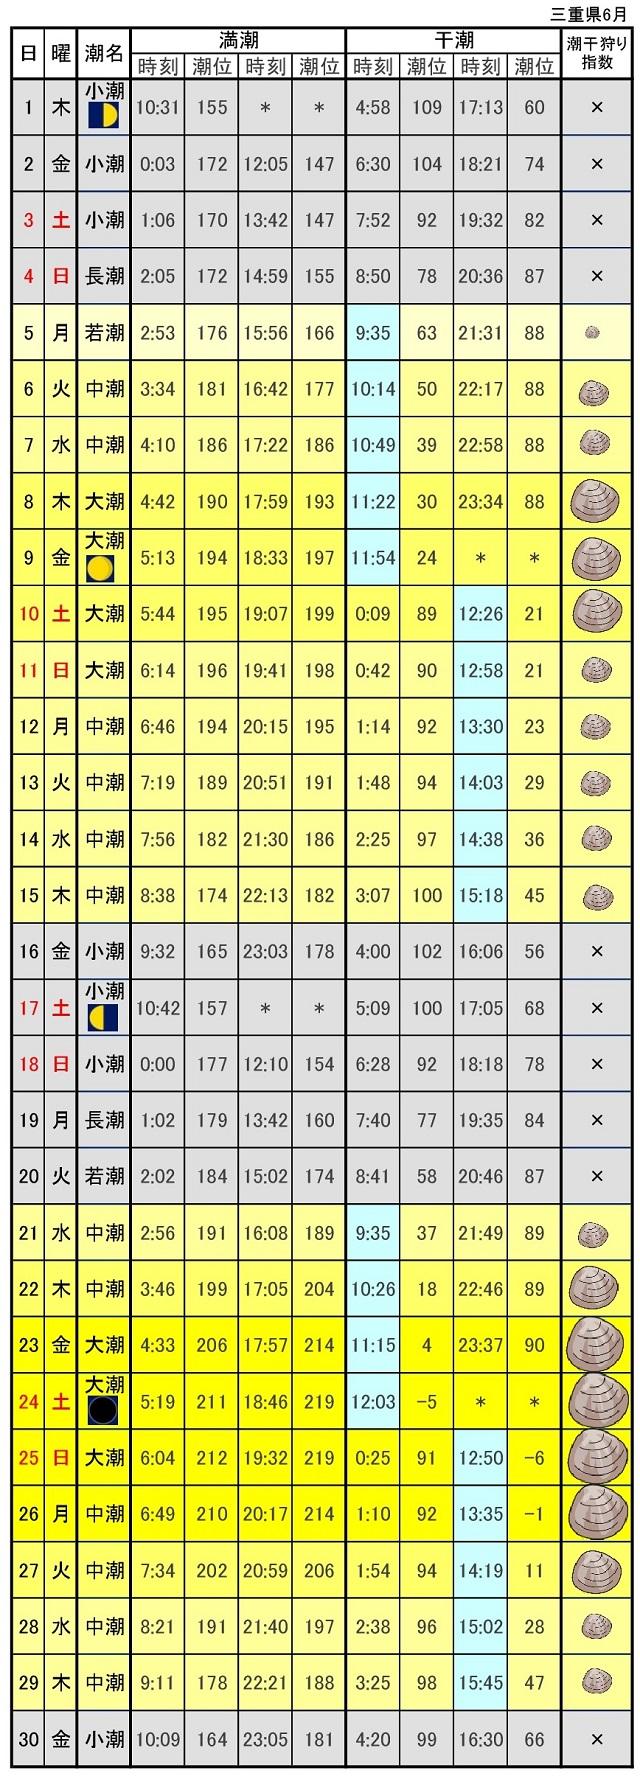 三重伊勢湾潮位表2017年6月